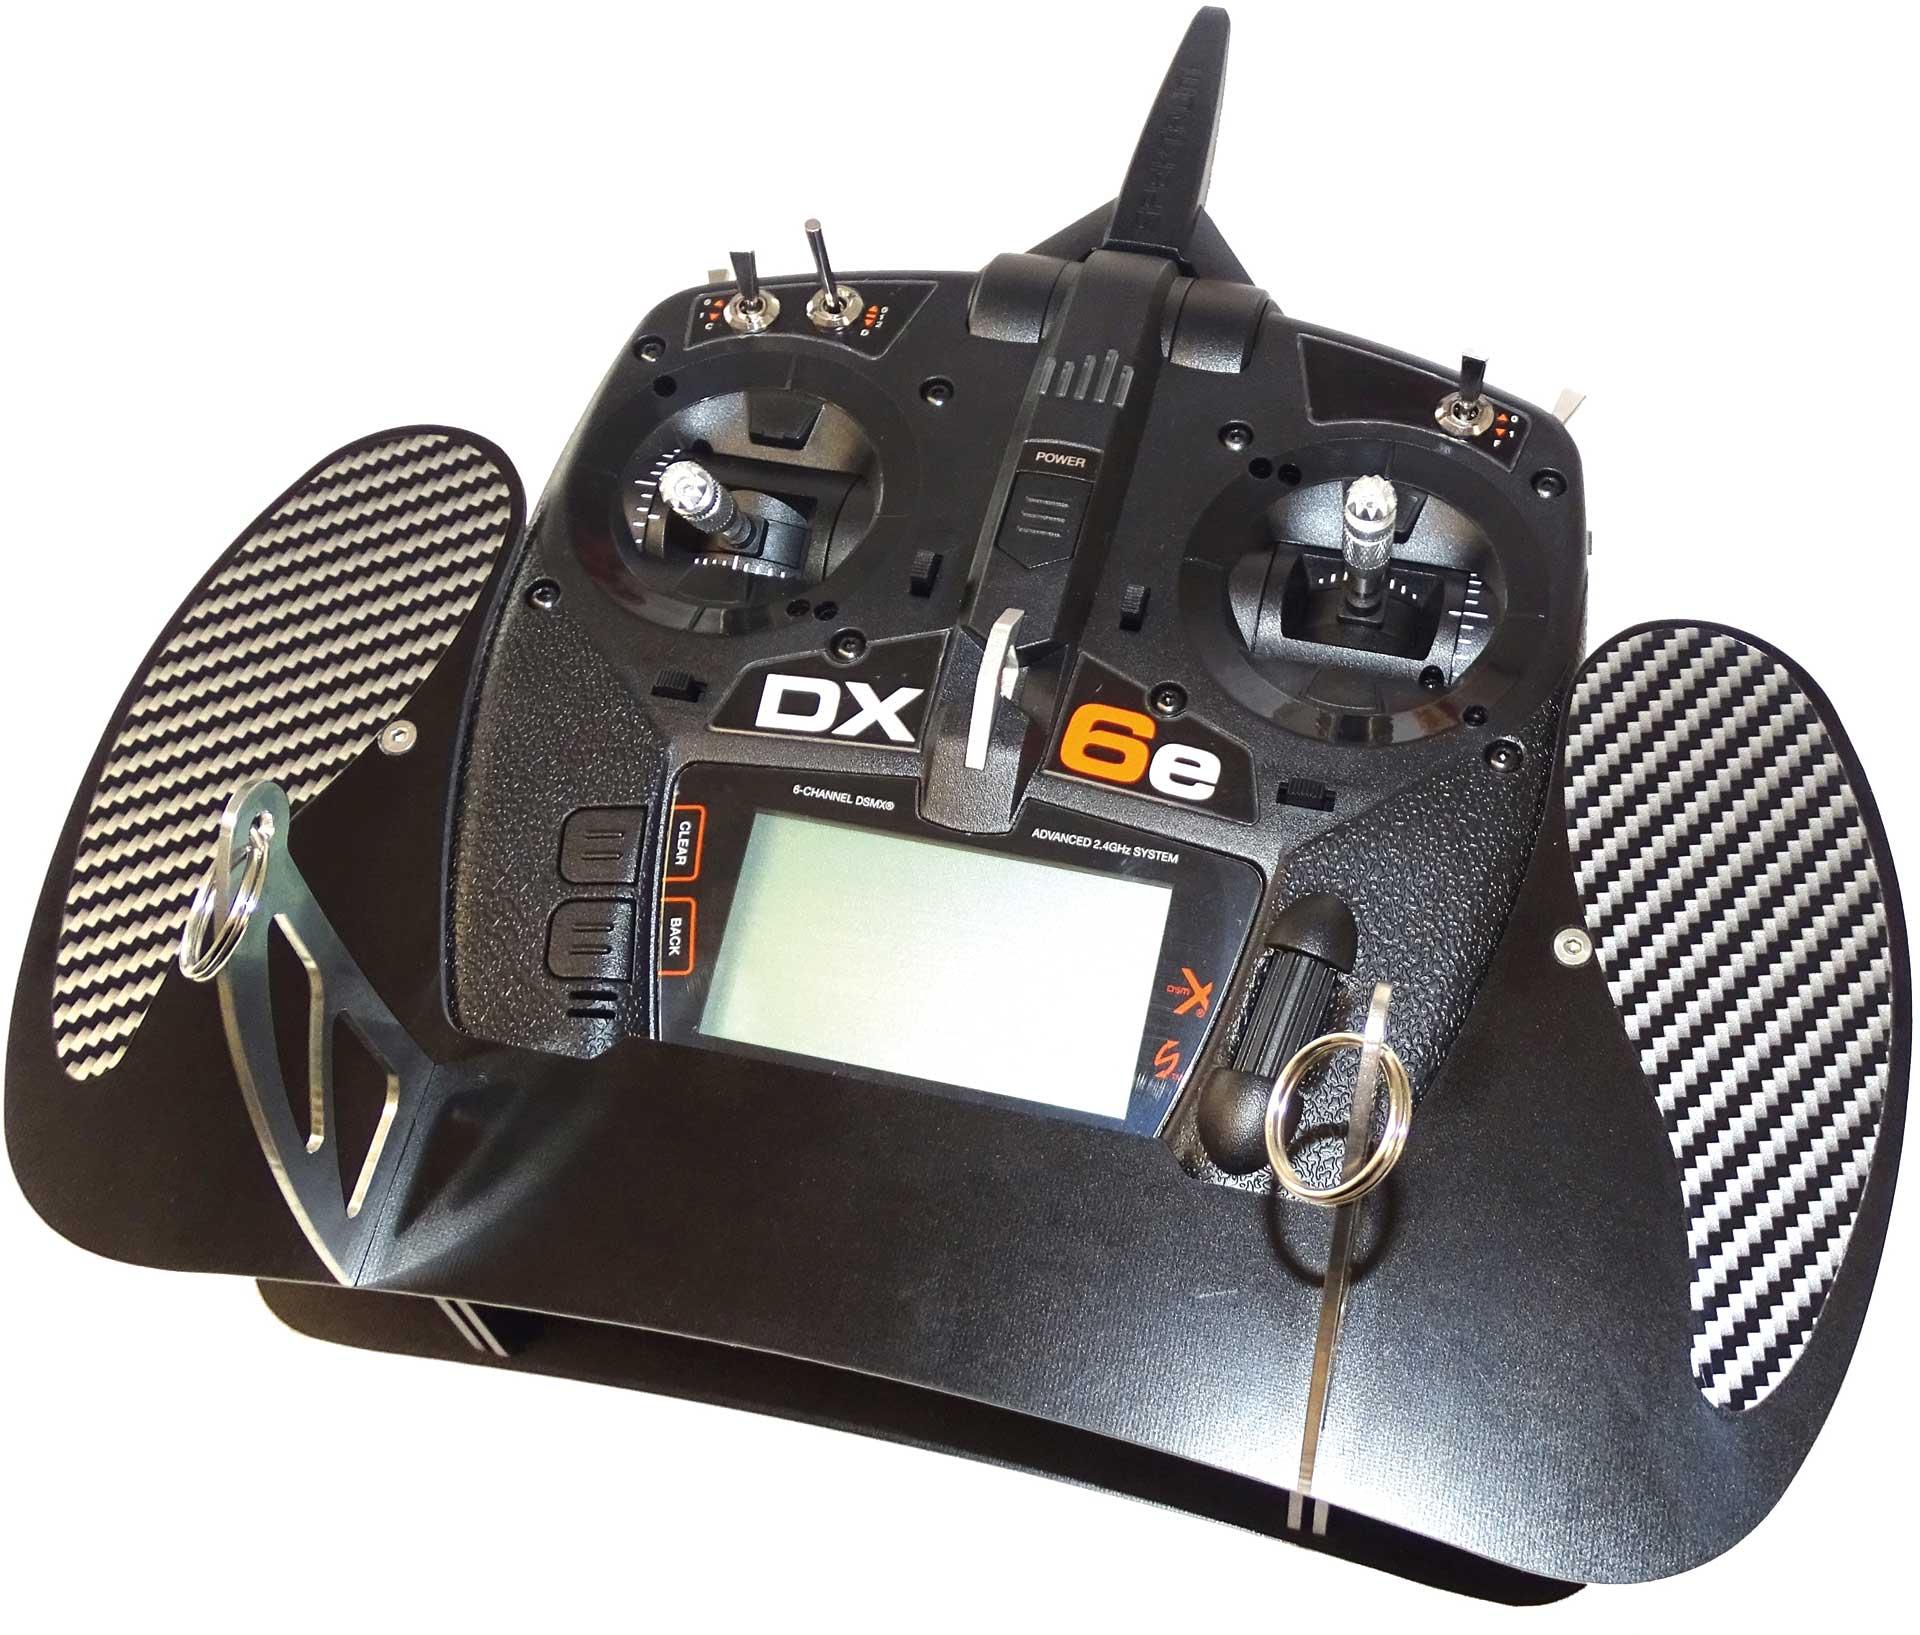 Ahltec Senderpult DX6e & DX8e in black